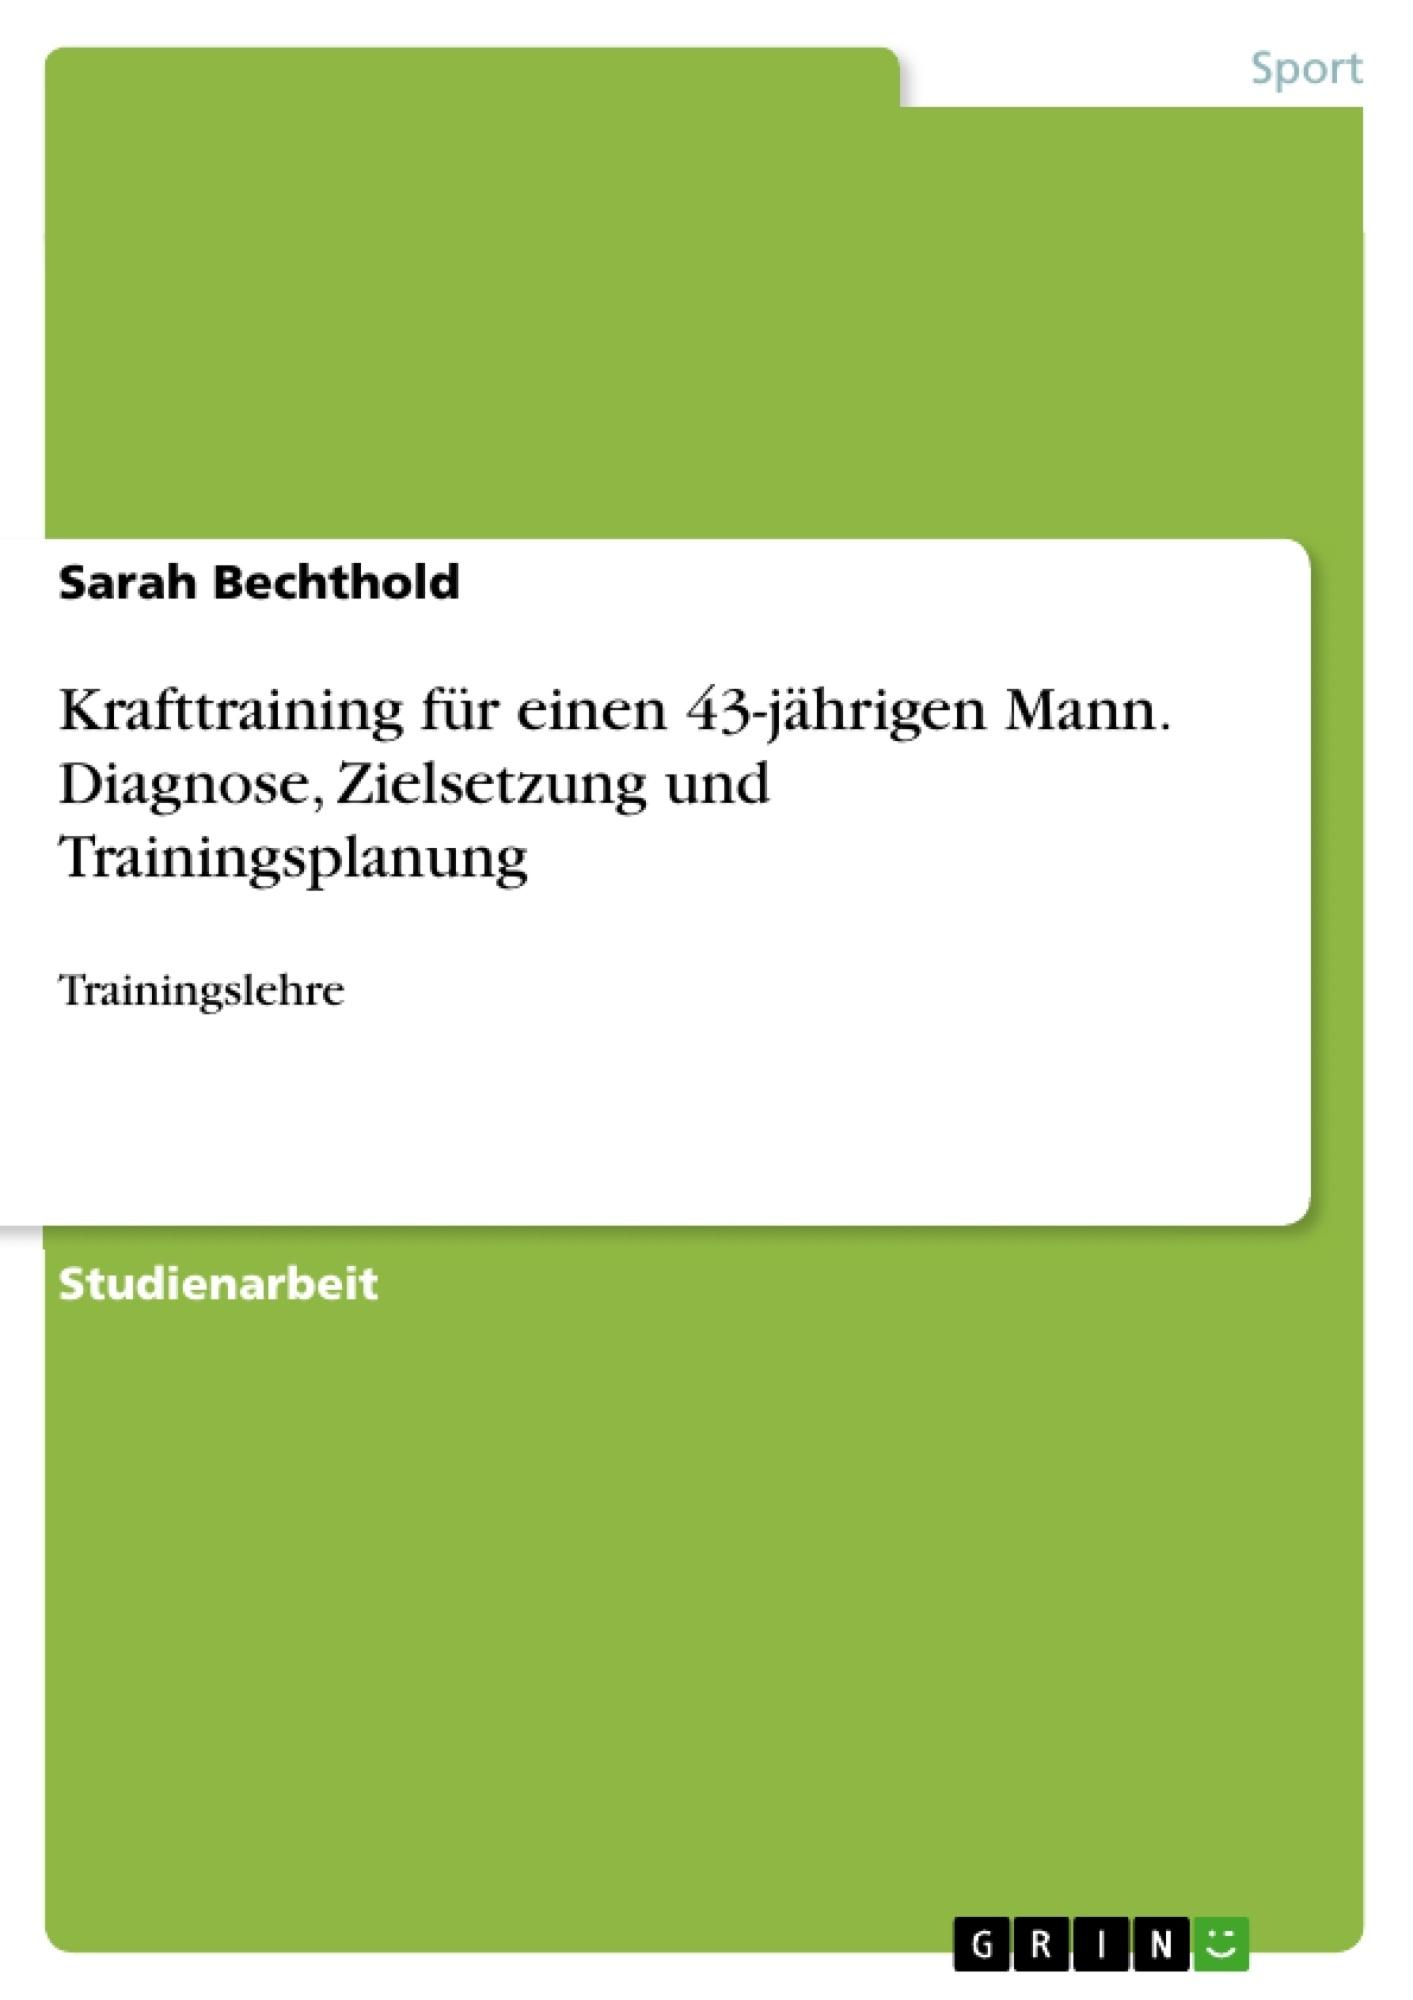 Titel: Krafttraining für einen 43-jährigen Mann. Diagnose, Zielsetzung und Trainingsplanung